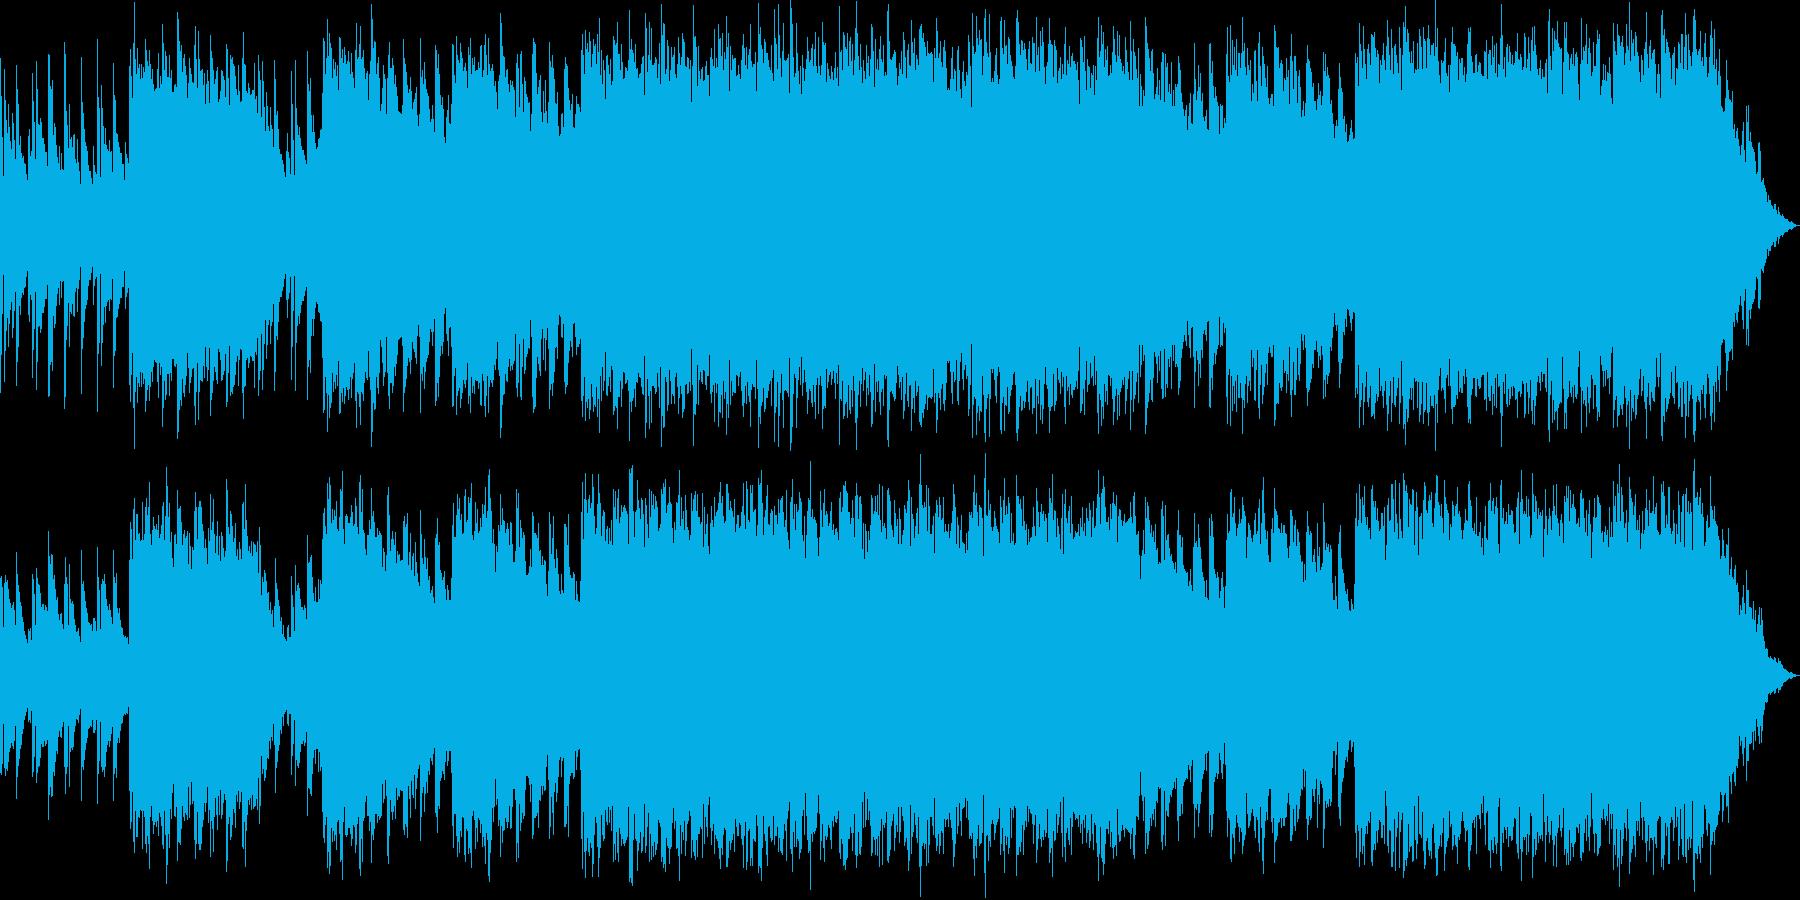 荘厳 FF風 オーケストラの再生済みの波形